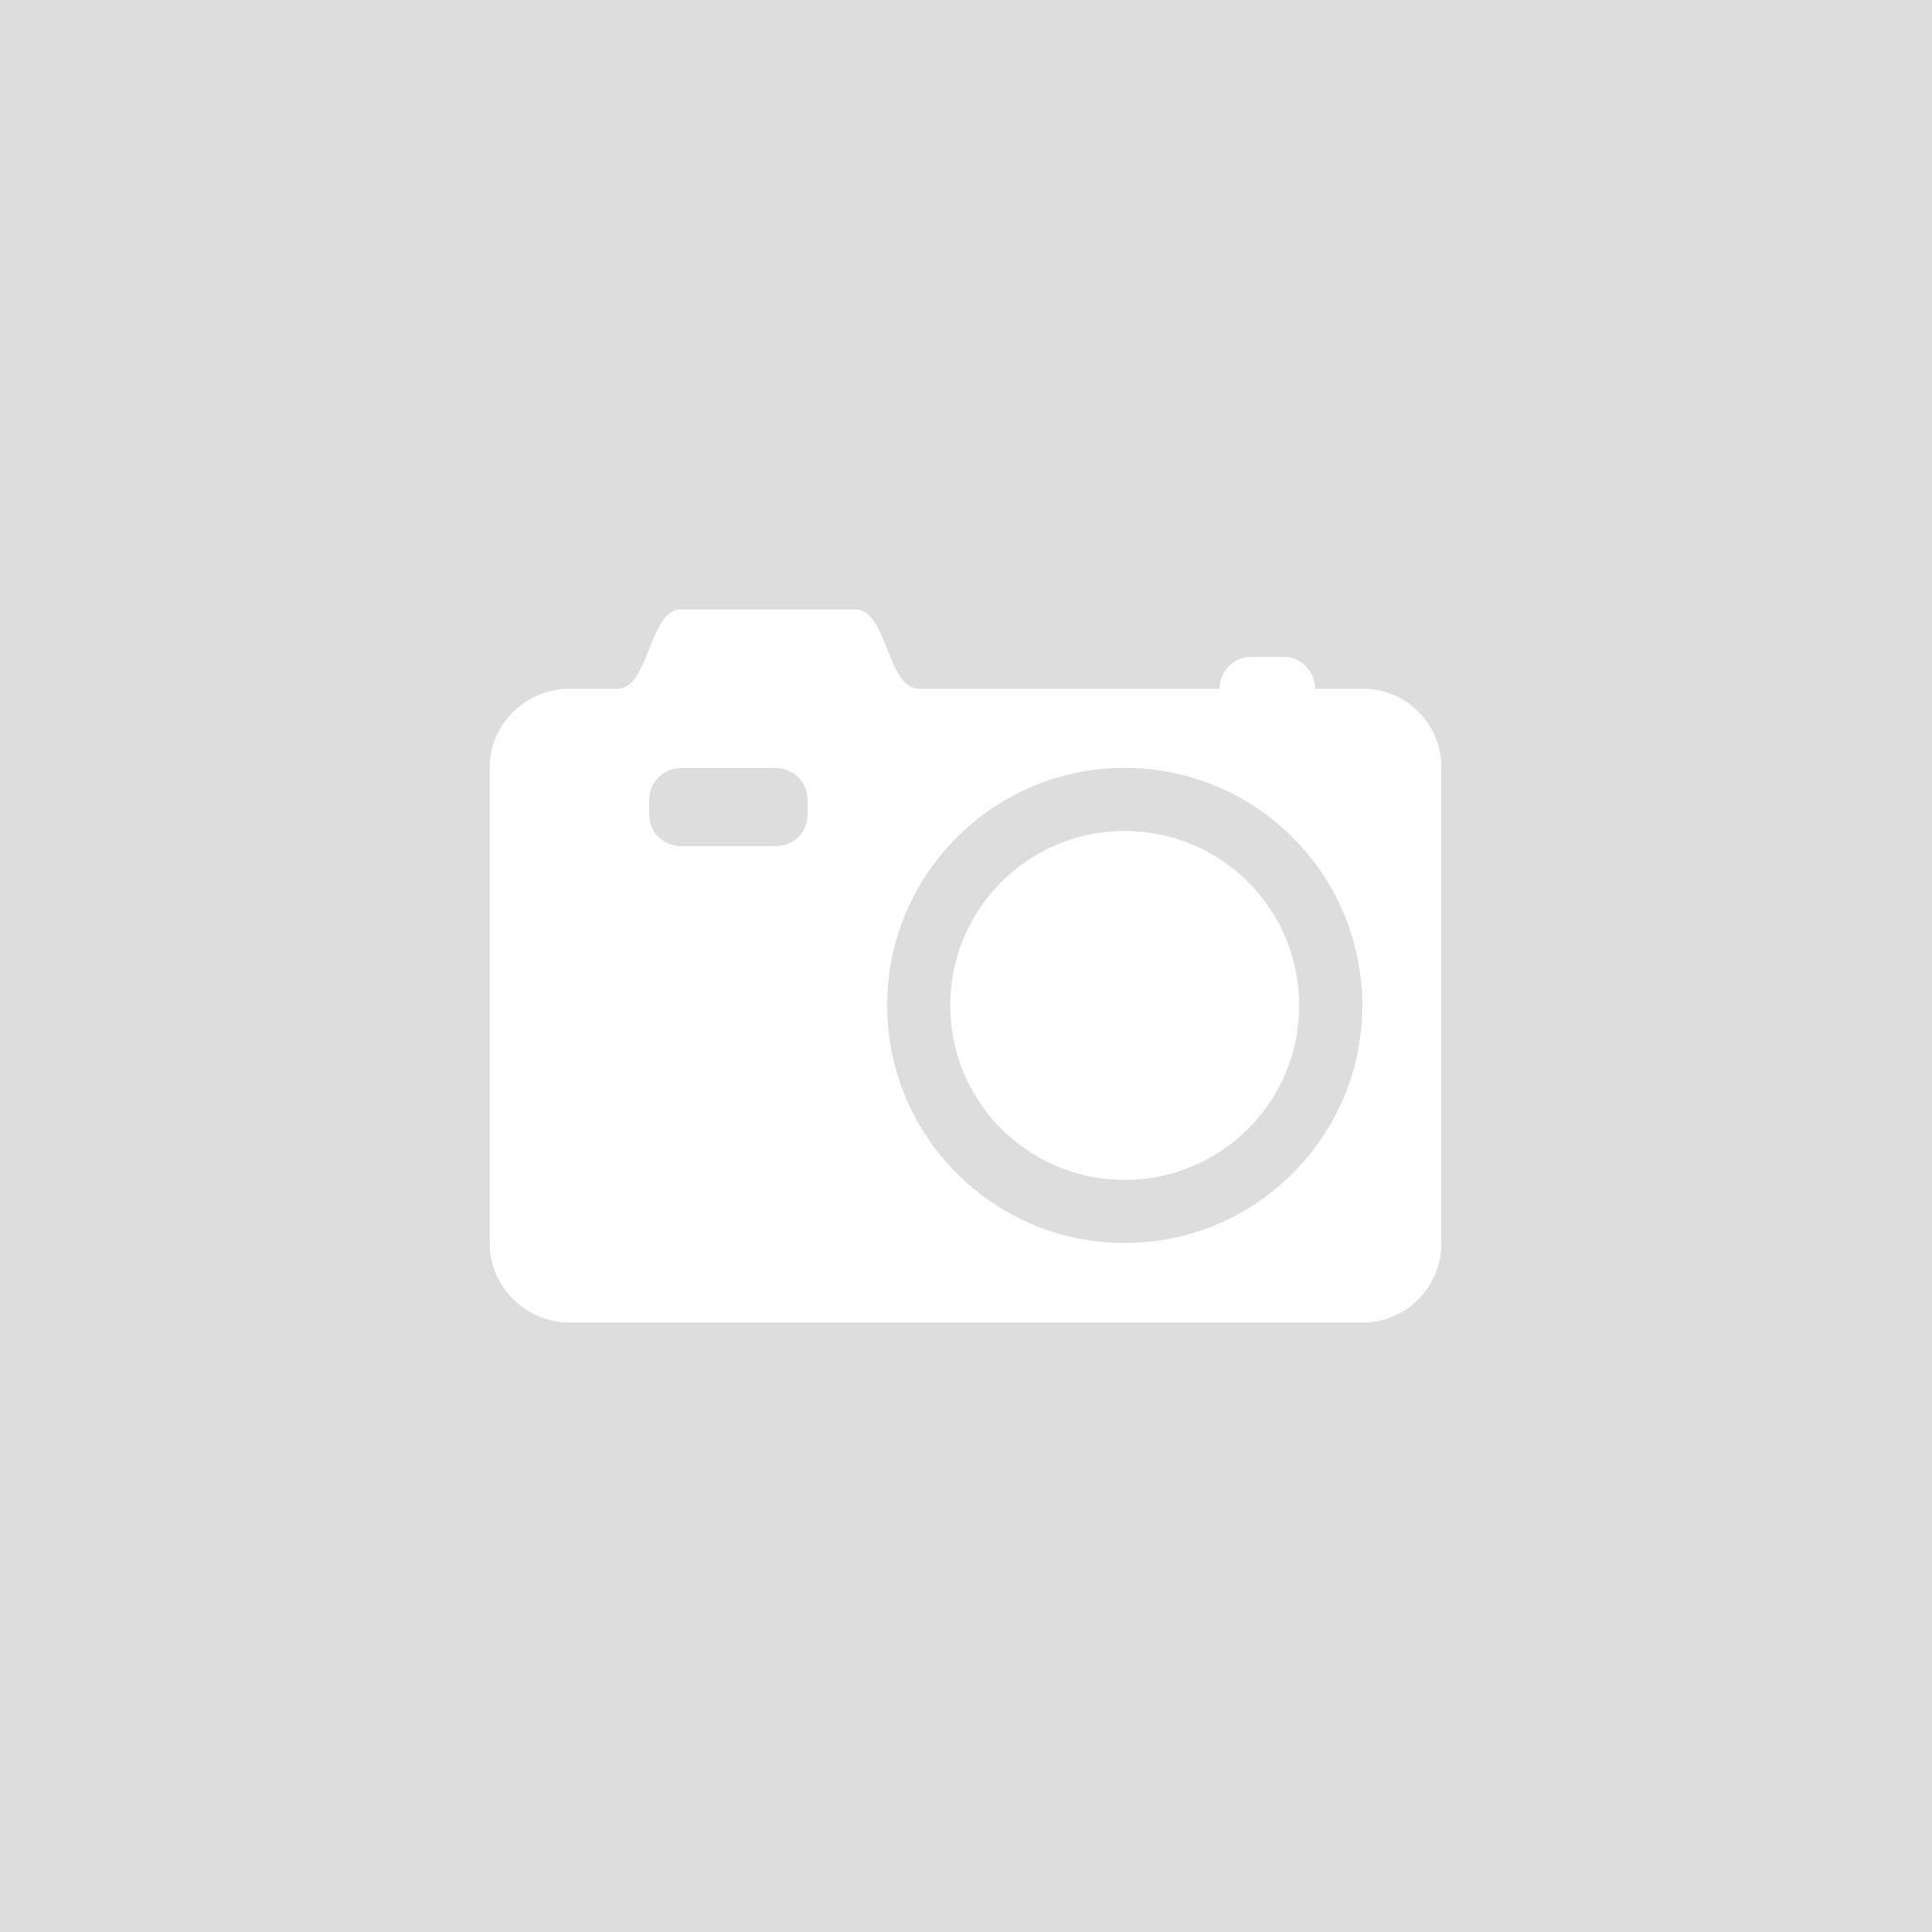 Burlington Shimmer Regal Stripe Pearl / Silver Wallpaper by Rasch 280319